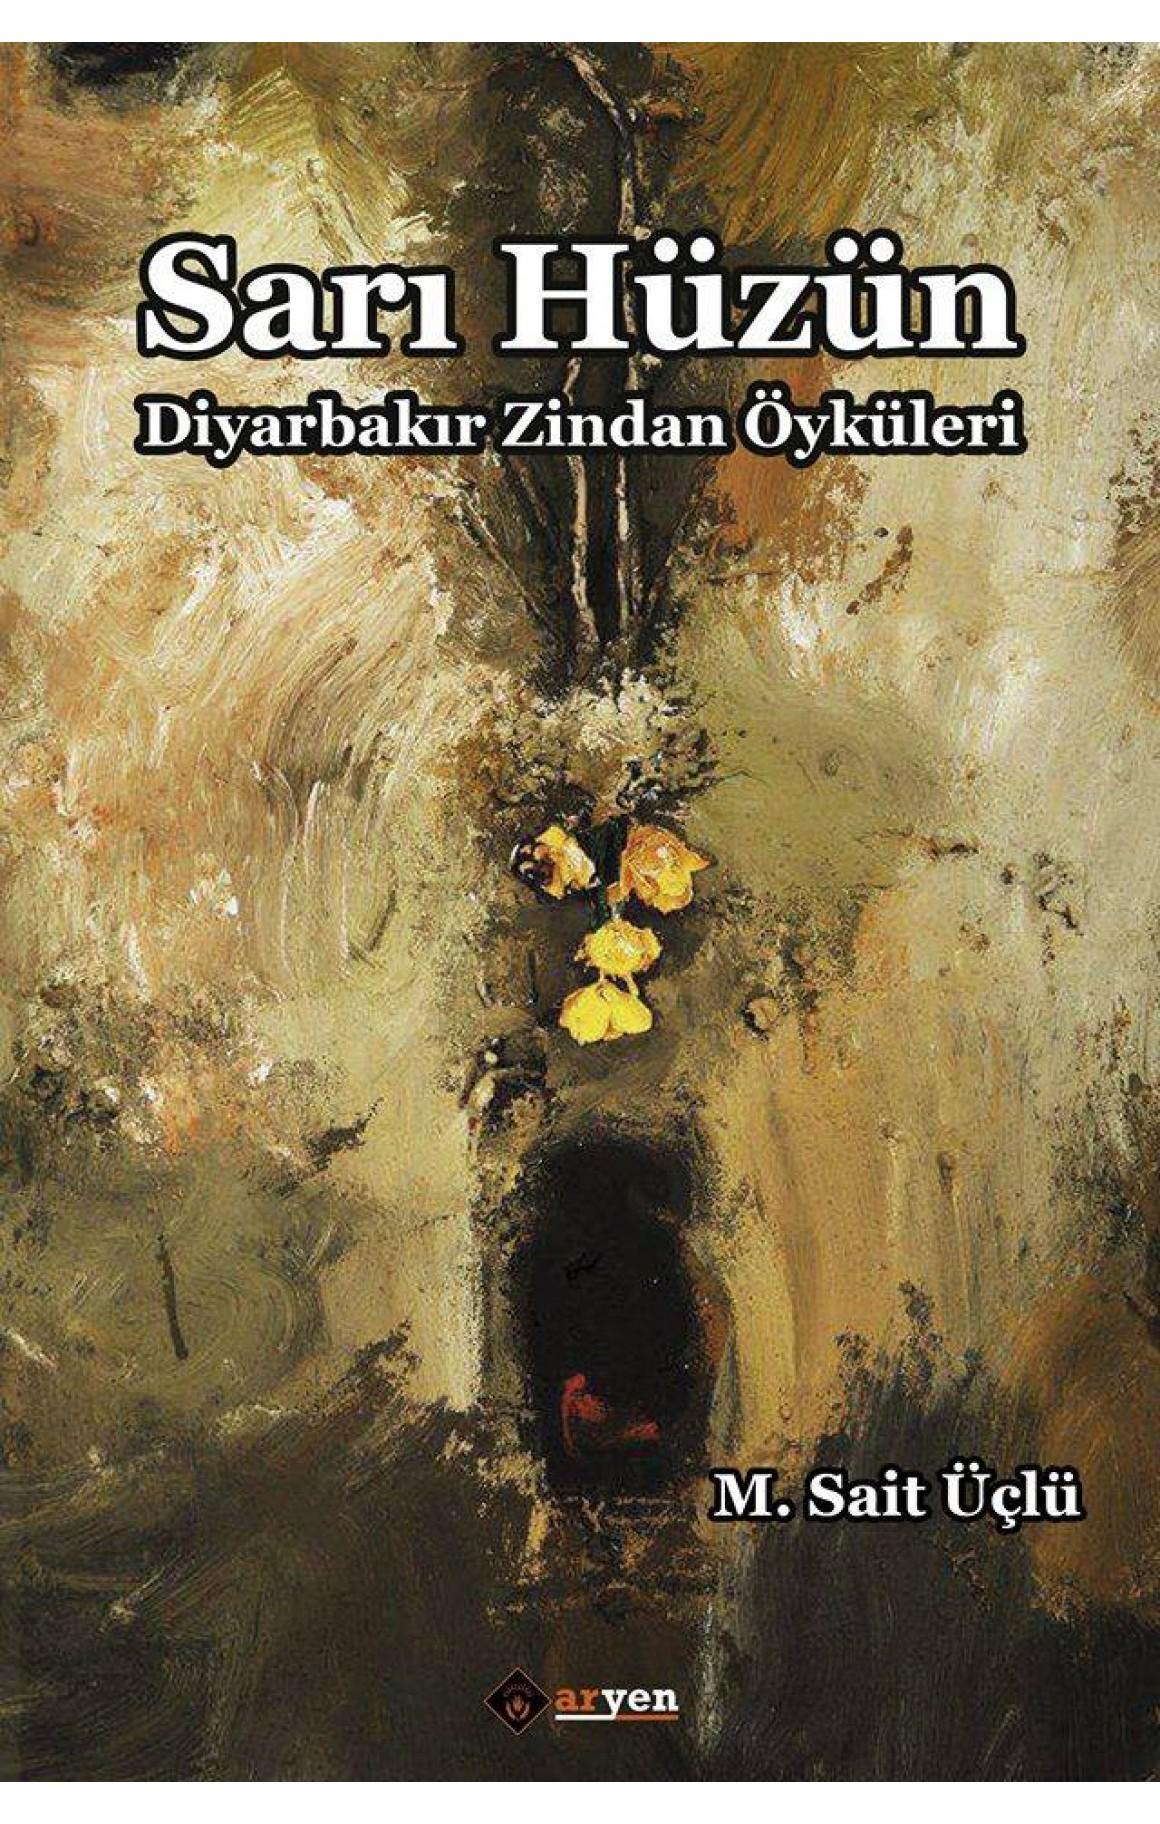 Sarı Hüzün / Diyarbakır Zindan Öyküleri